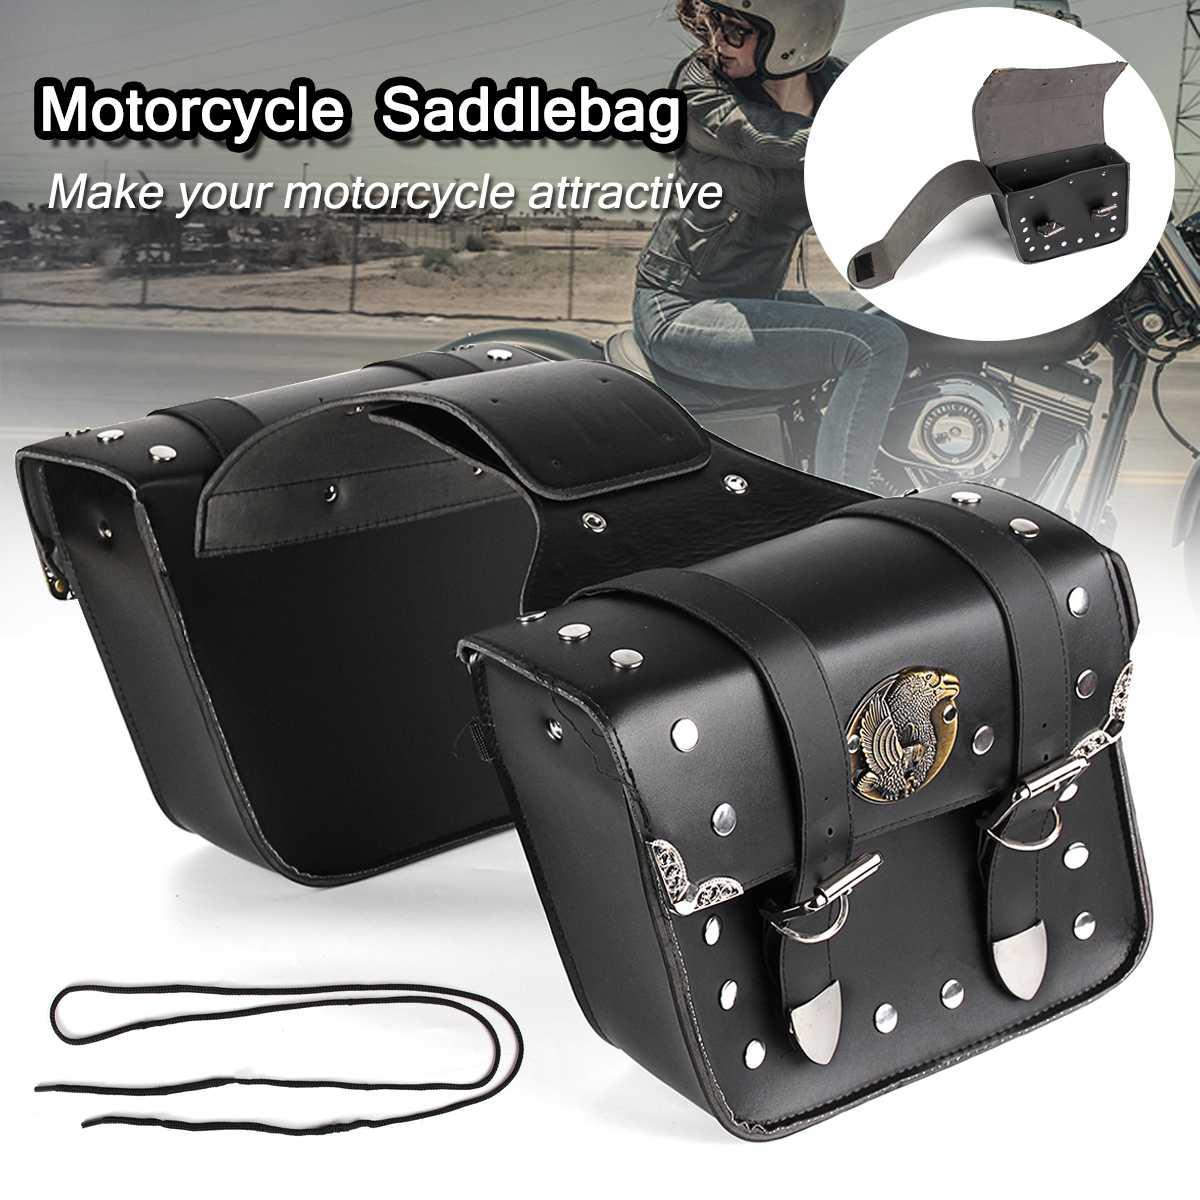 2 шт мотоциклетные универсальные черные седельные сумки из искусственной кожи, седельные сумки, сумки для инструментов, мотоциклетные багажные сумки для Harley